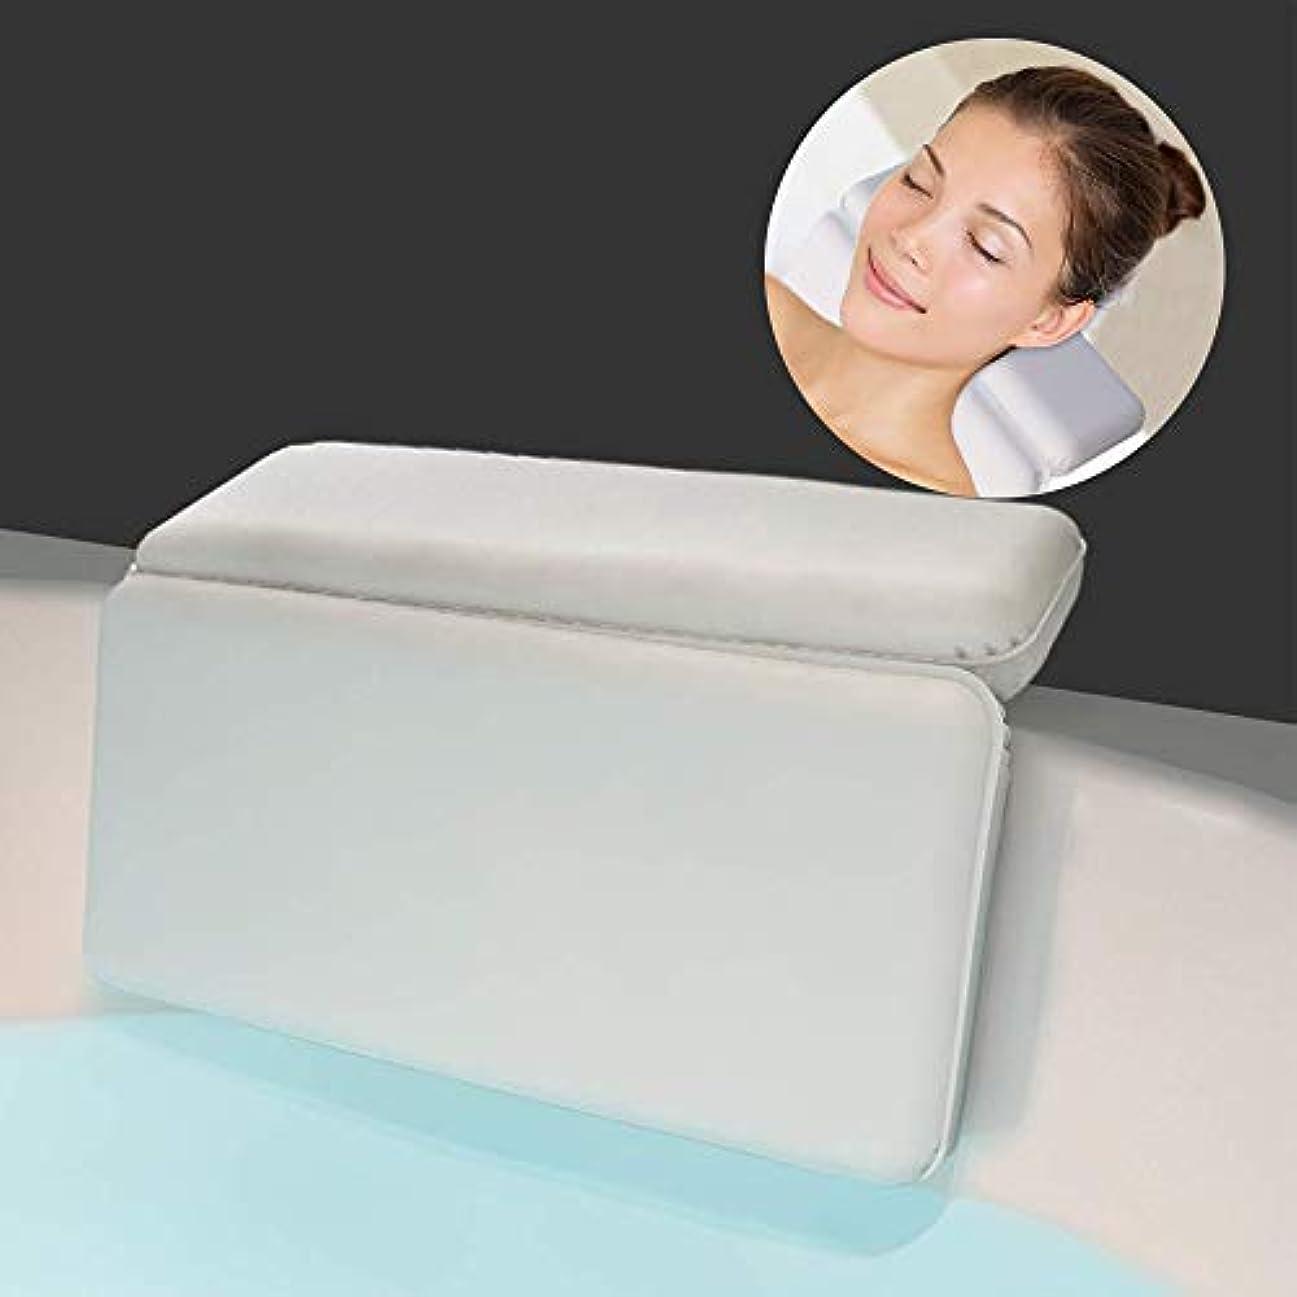 疎外する膨張するセットアップサクションカップ付き防水ソフトバスピローショルダー&ネックサポート用の高級バスクッション。あらゆるサイズの浴槽にフィット